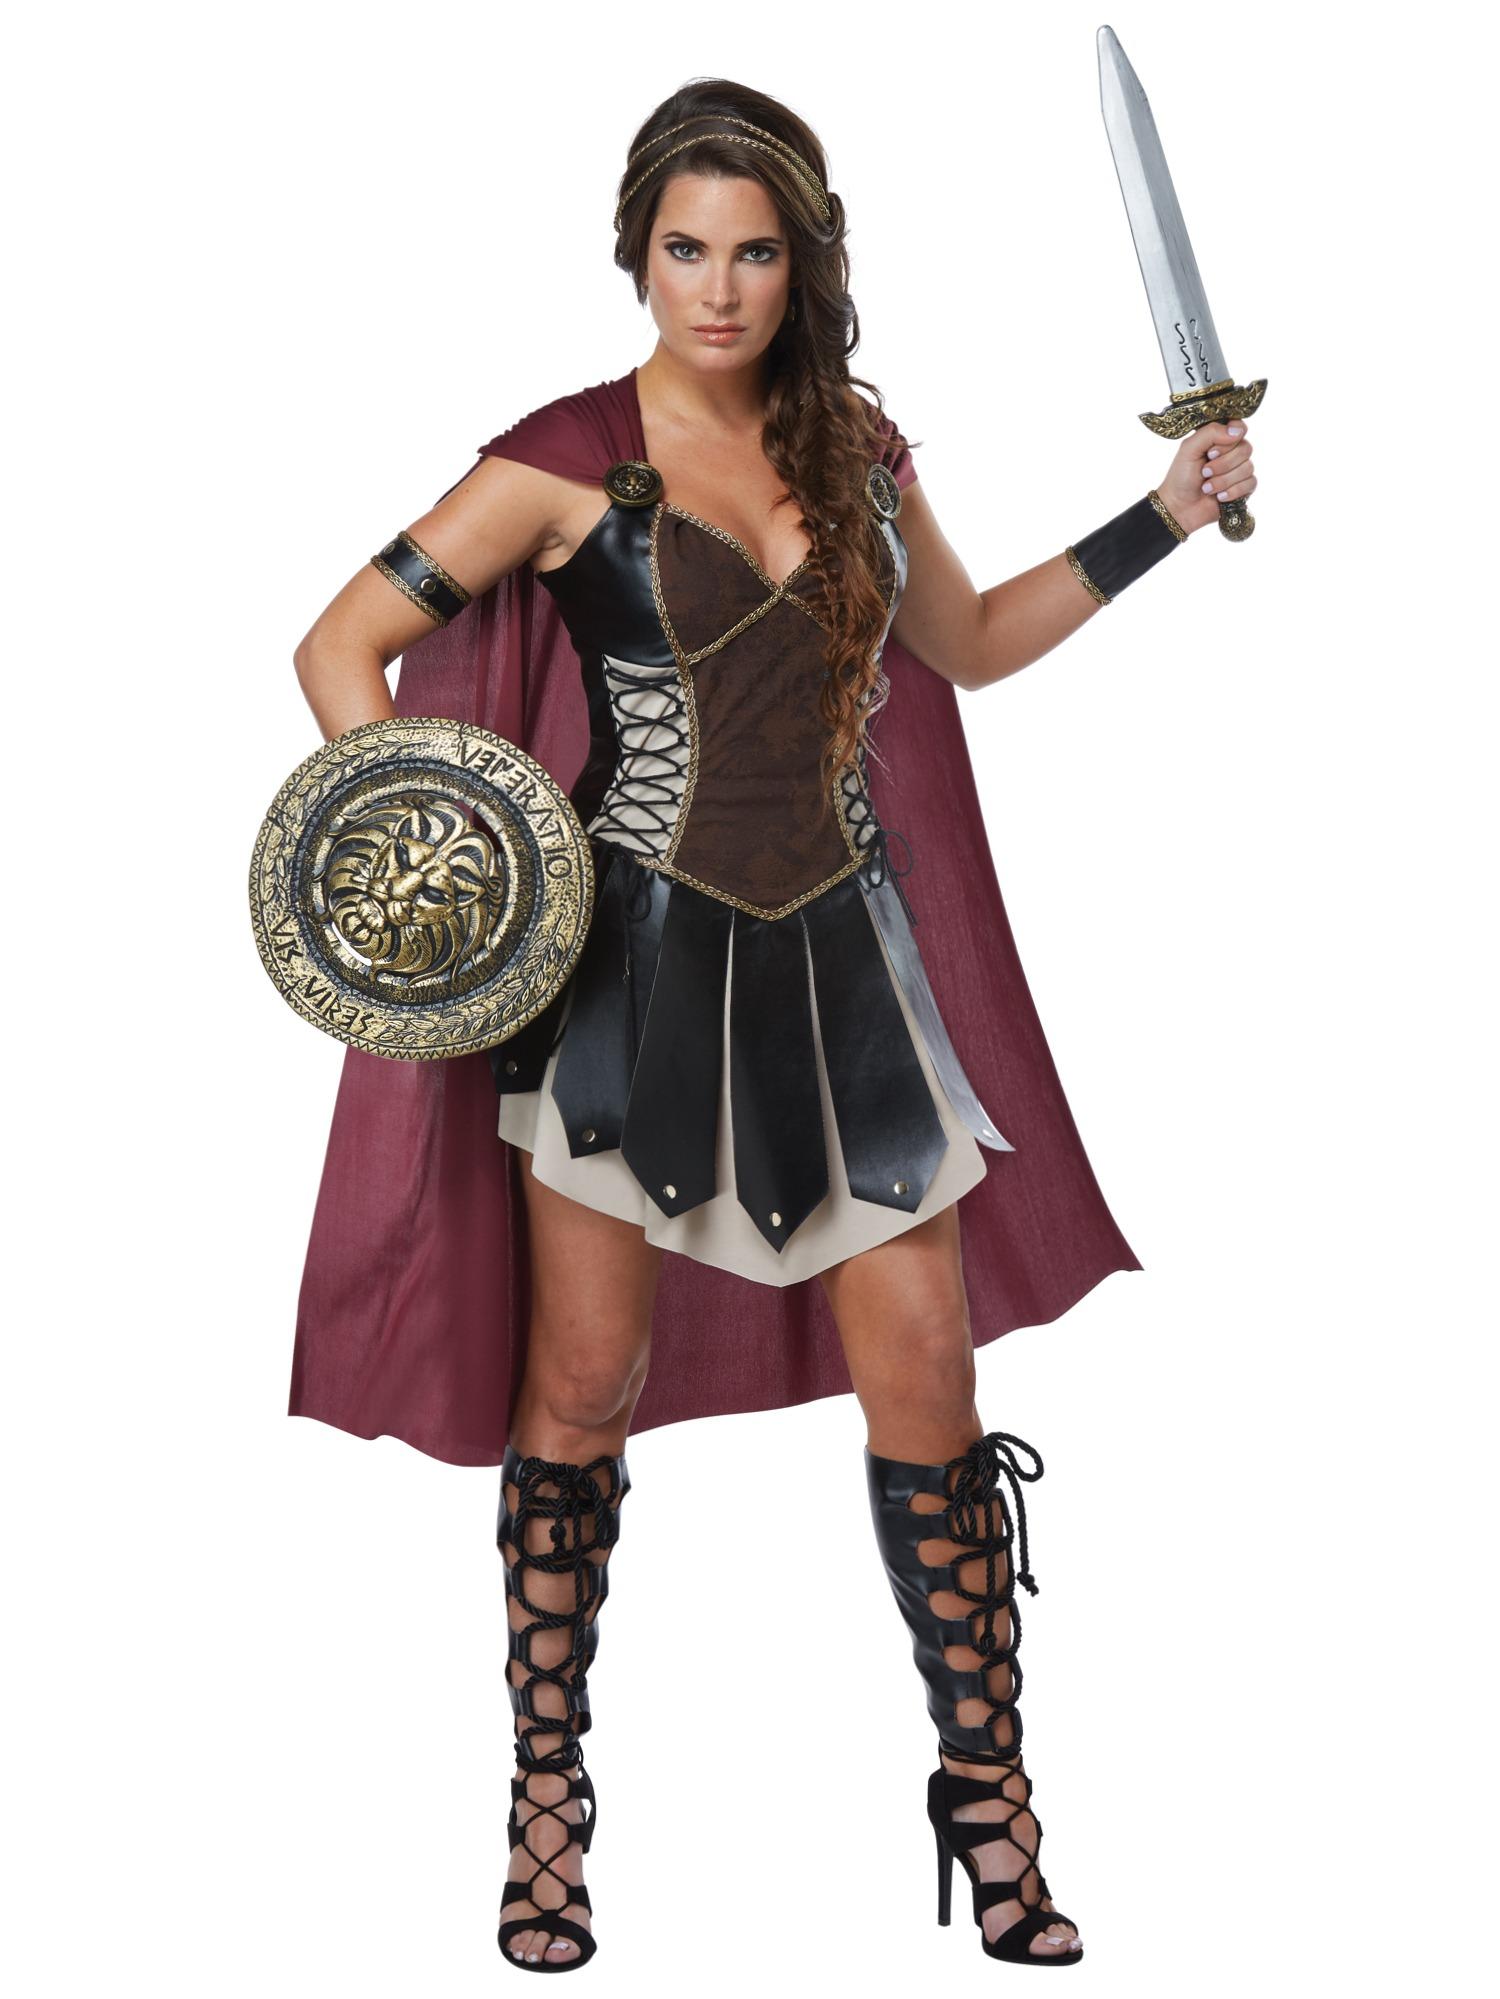 Glorious gladiator xena warrior roman spartan medieval womens glorious gladiator xena warrior roman spartan medieval womens costume m solutioingenieria Choice Image